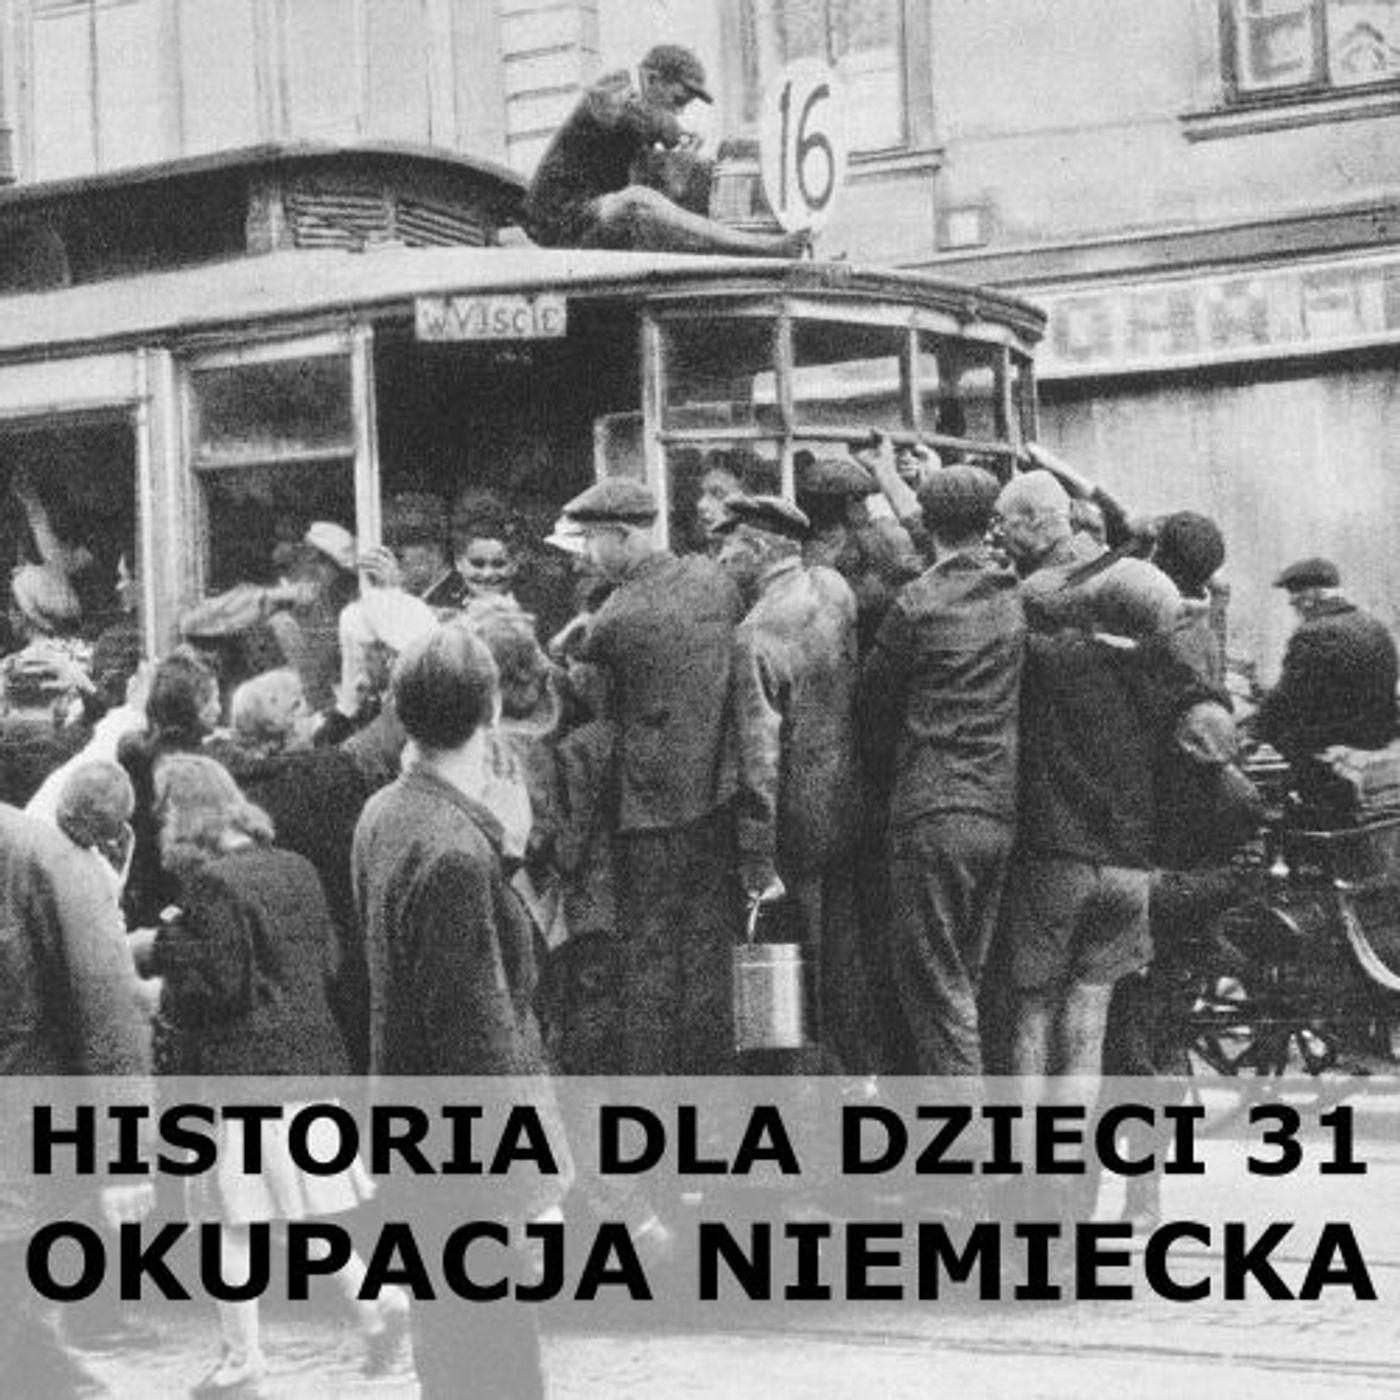 31 - Okupacja niemiecka